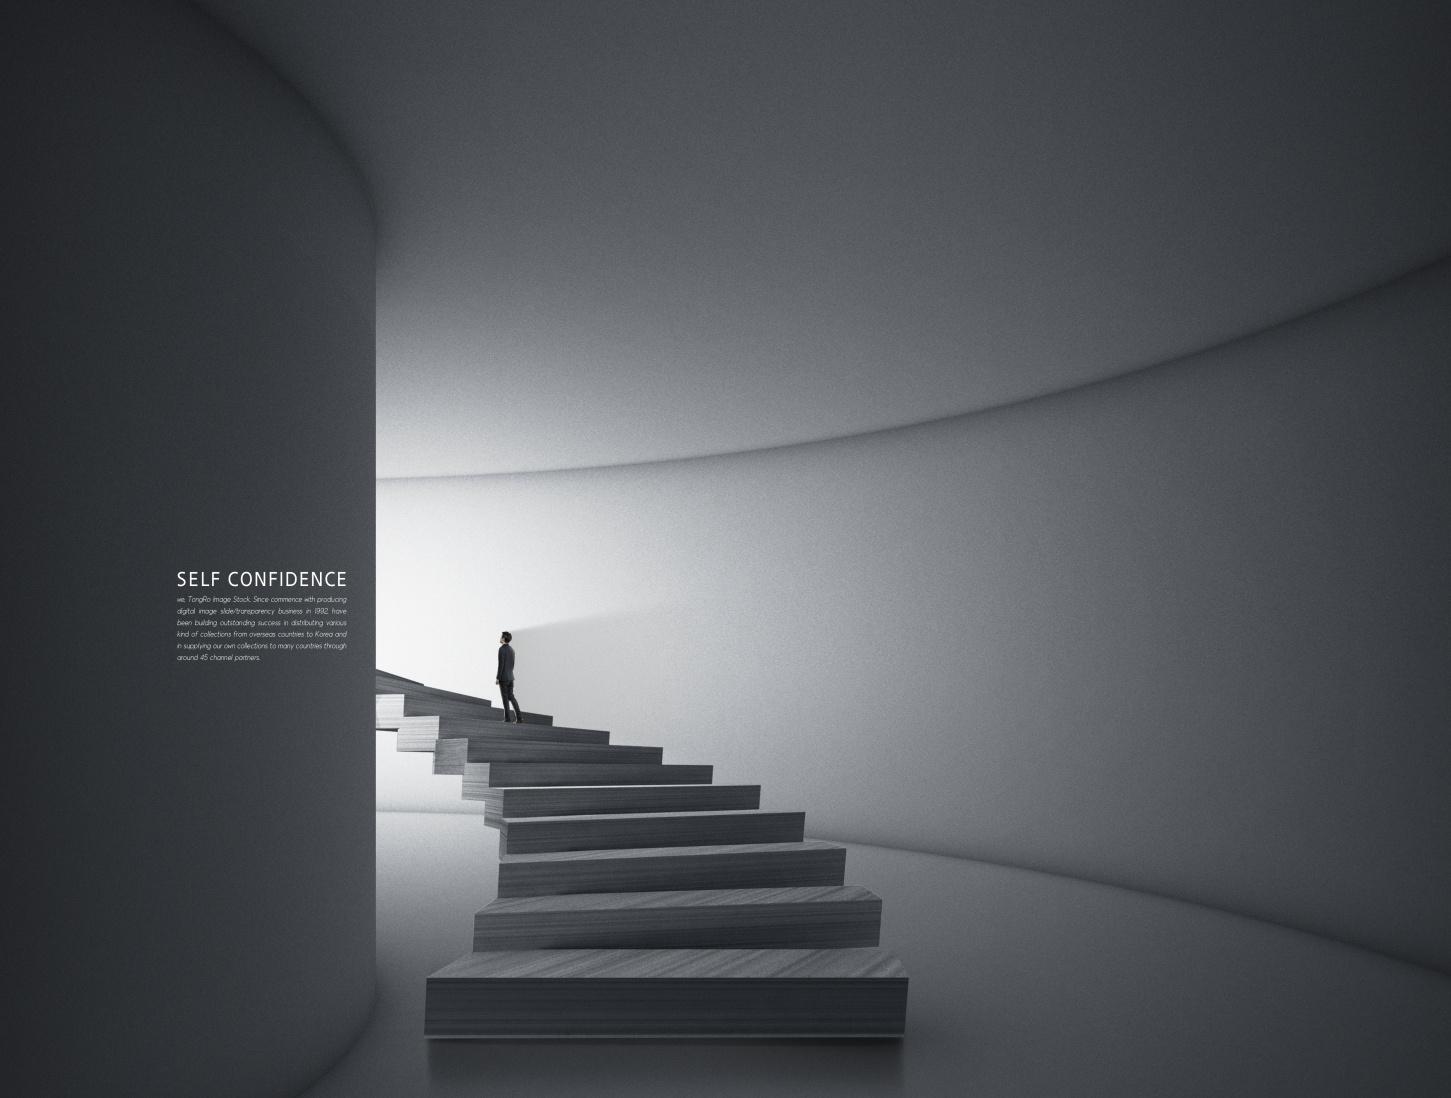 [单独购买] 12款创意黑白几何虚拟空间企业文化宣传主视觉海报设计PS素材模板 Virtual Space Sale Poster Template插图8